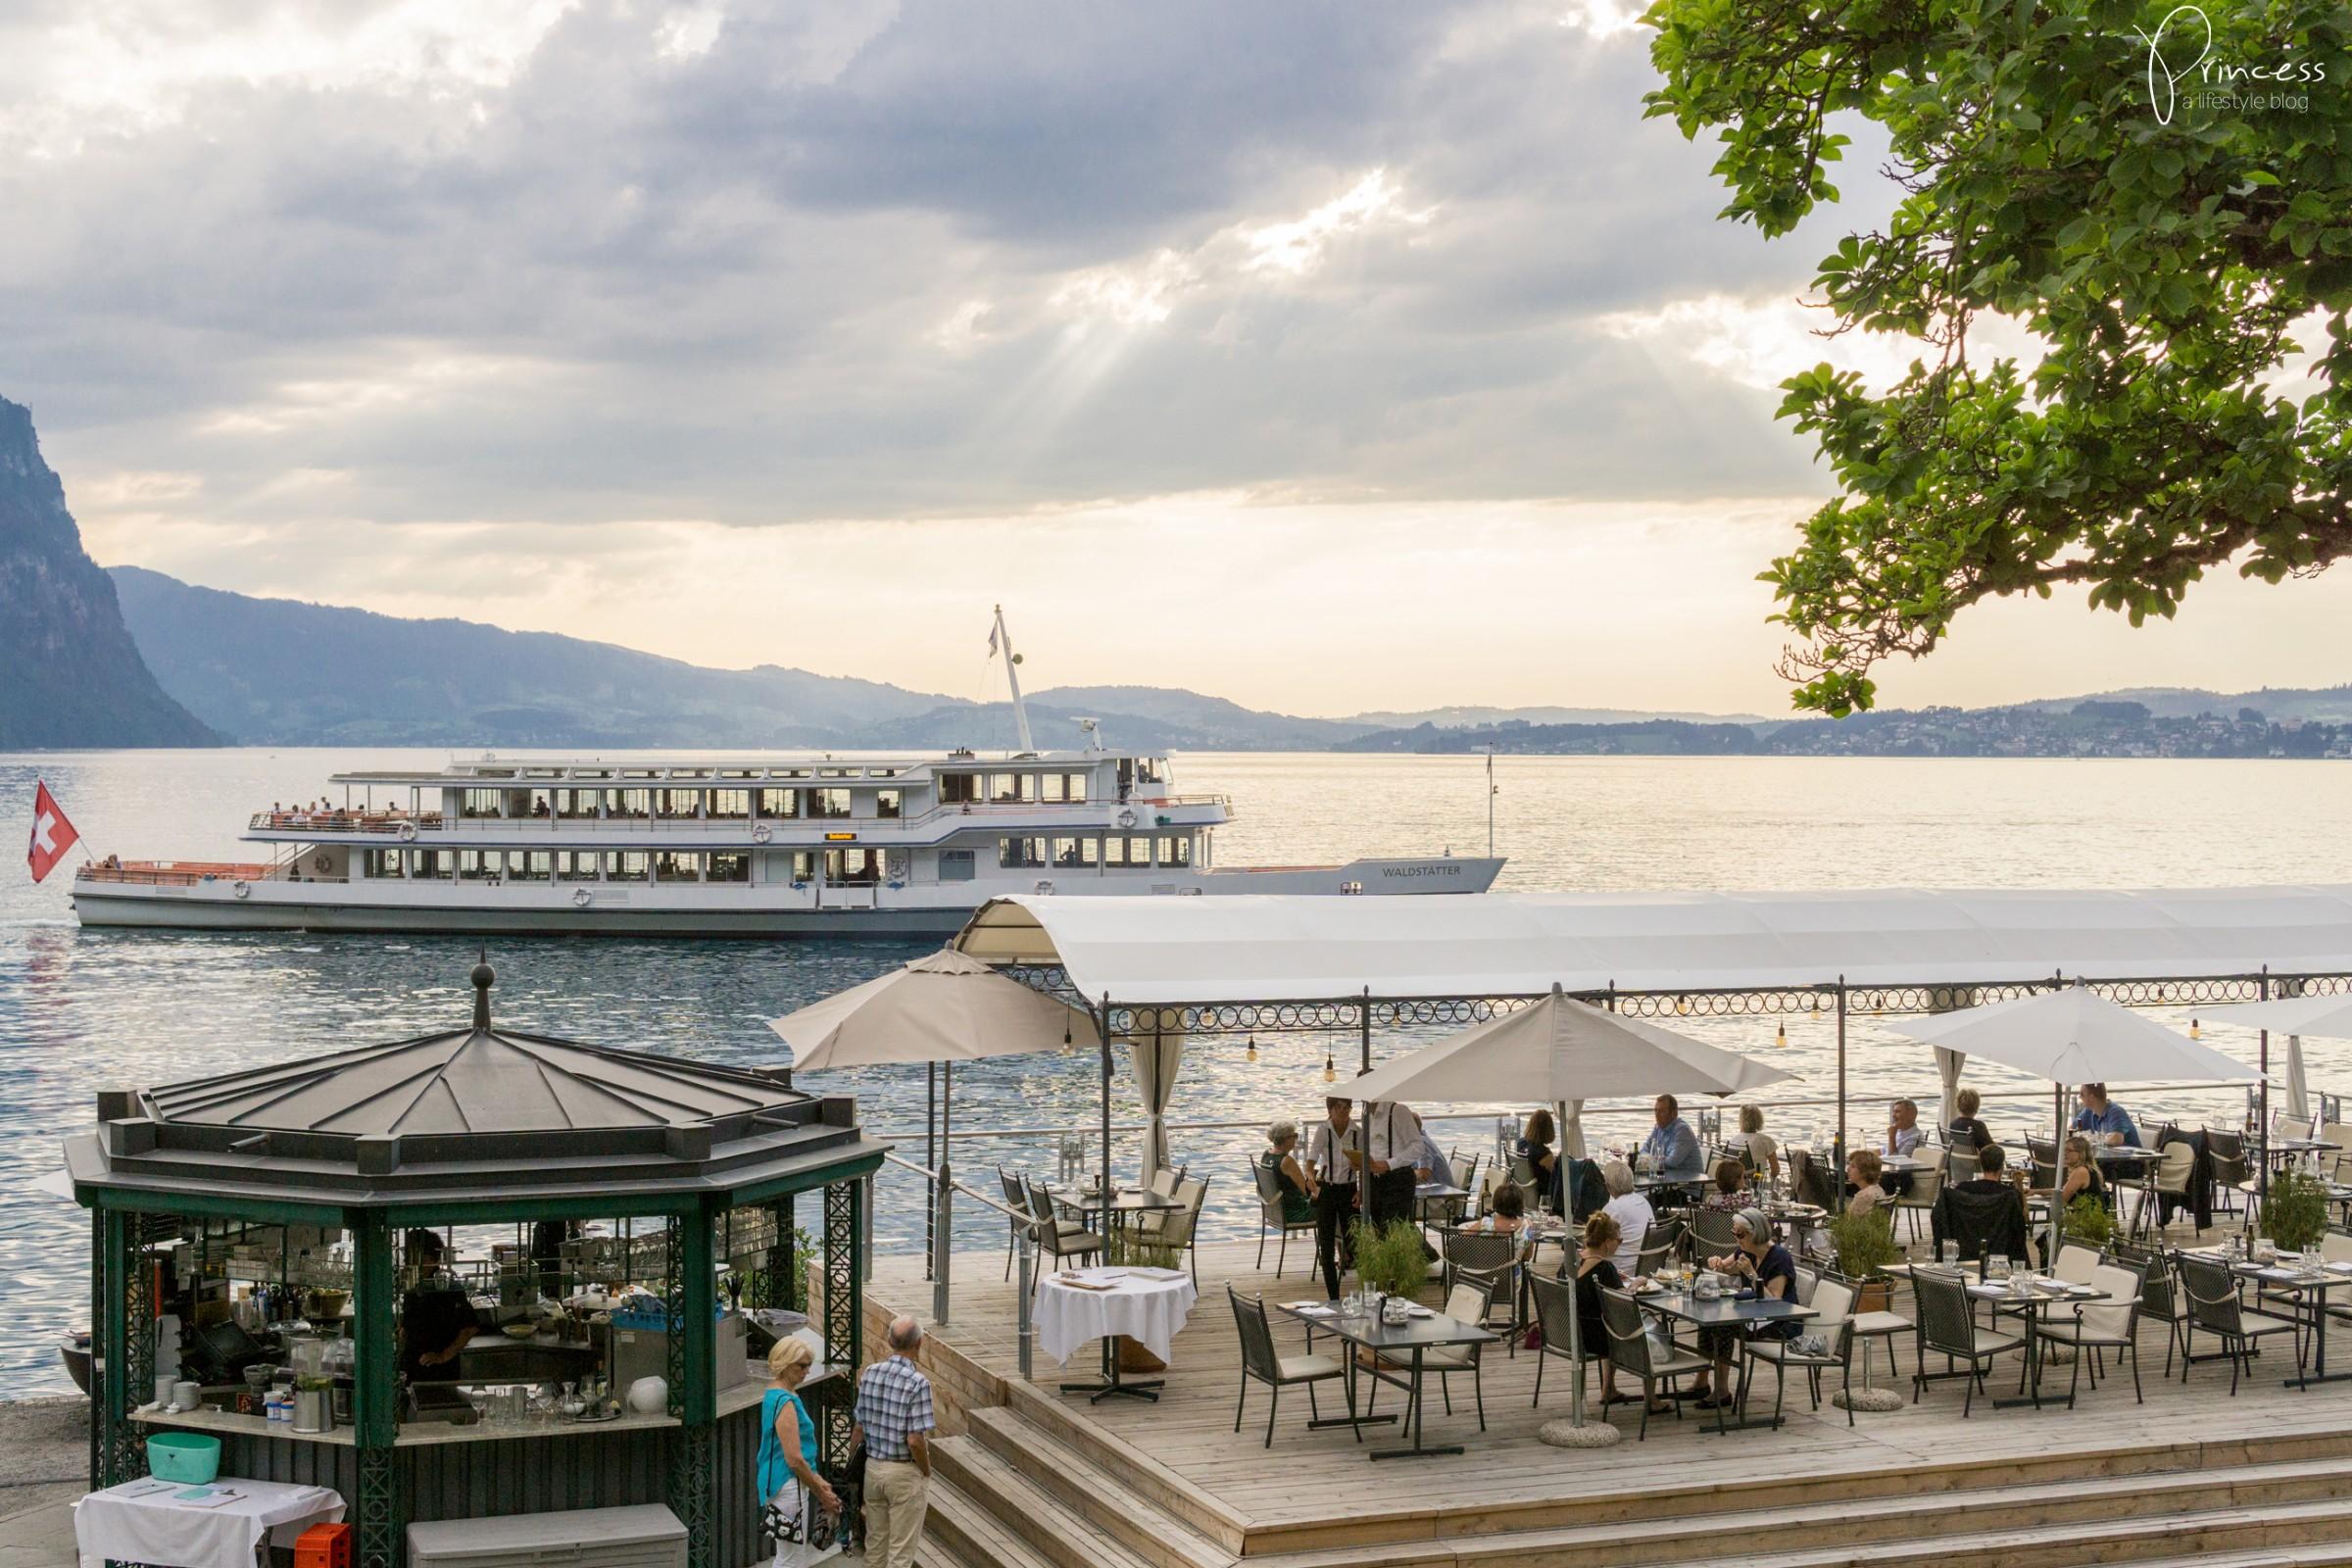 Sommerferien In Der Schweiz Hotel Vitznauerhof Am